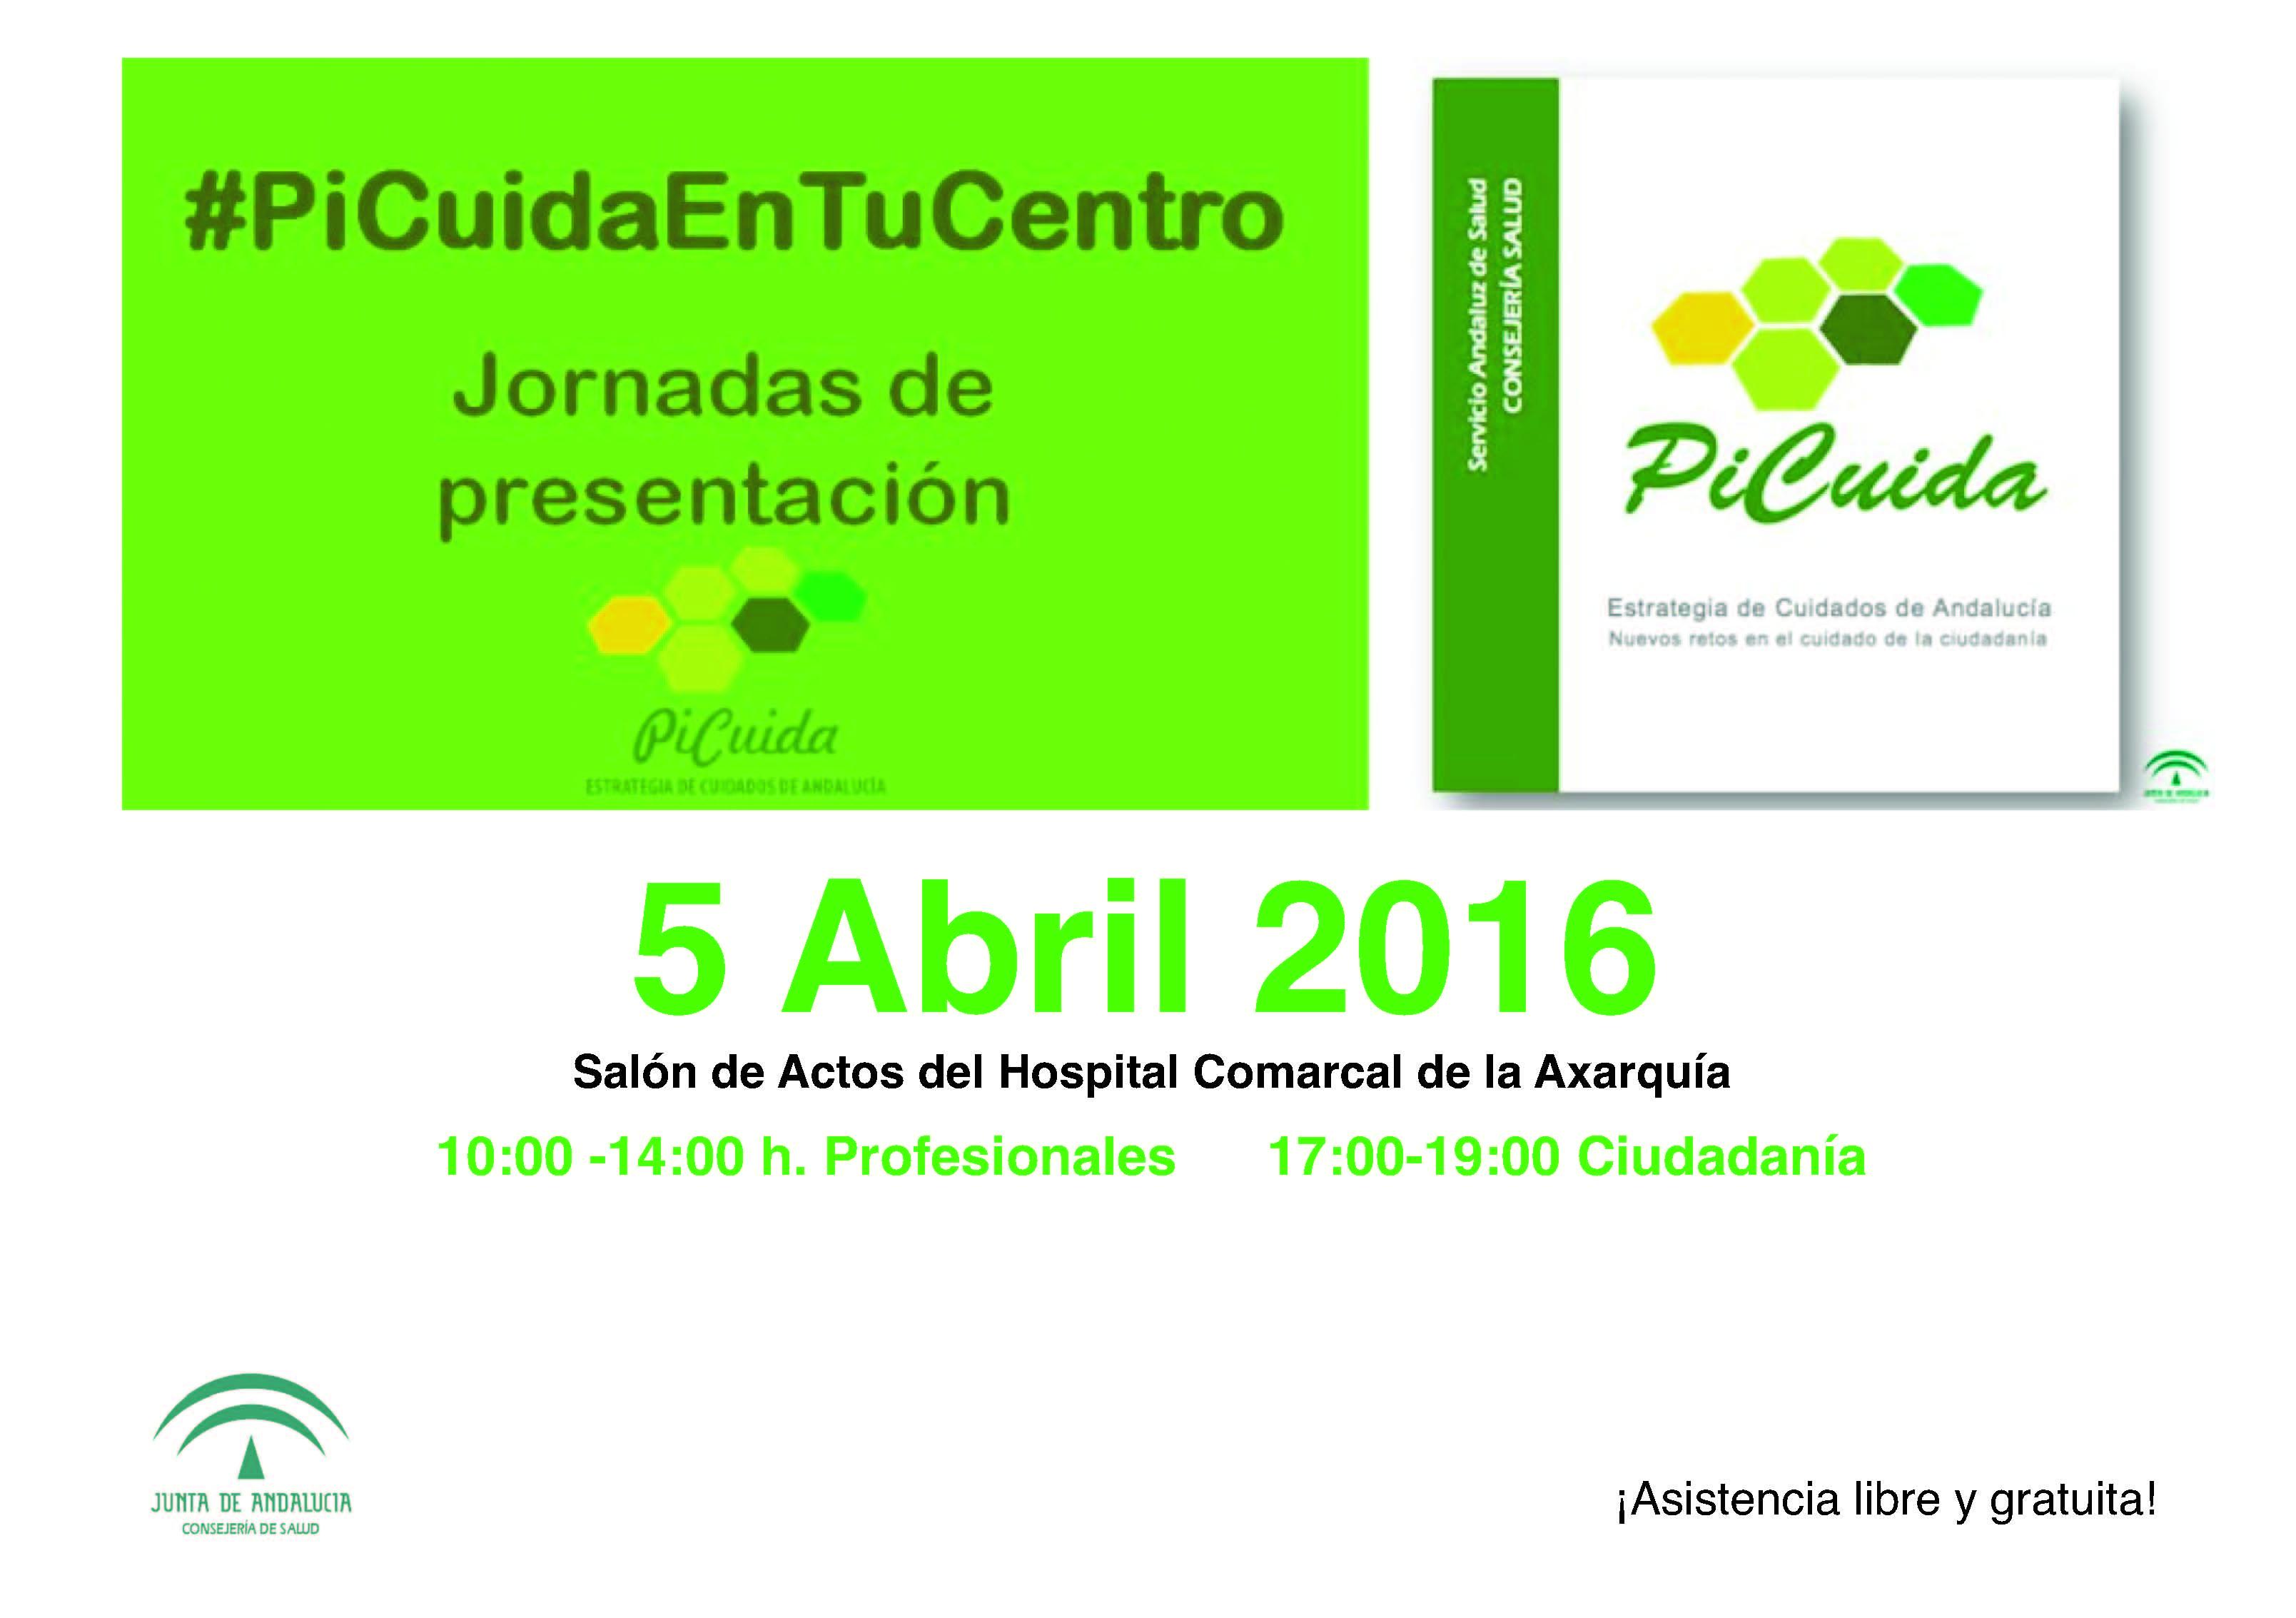 Jornada de Presentación de la Estrategia de Cuidados, el próximo 5 de Abril en la Axarquía